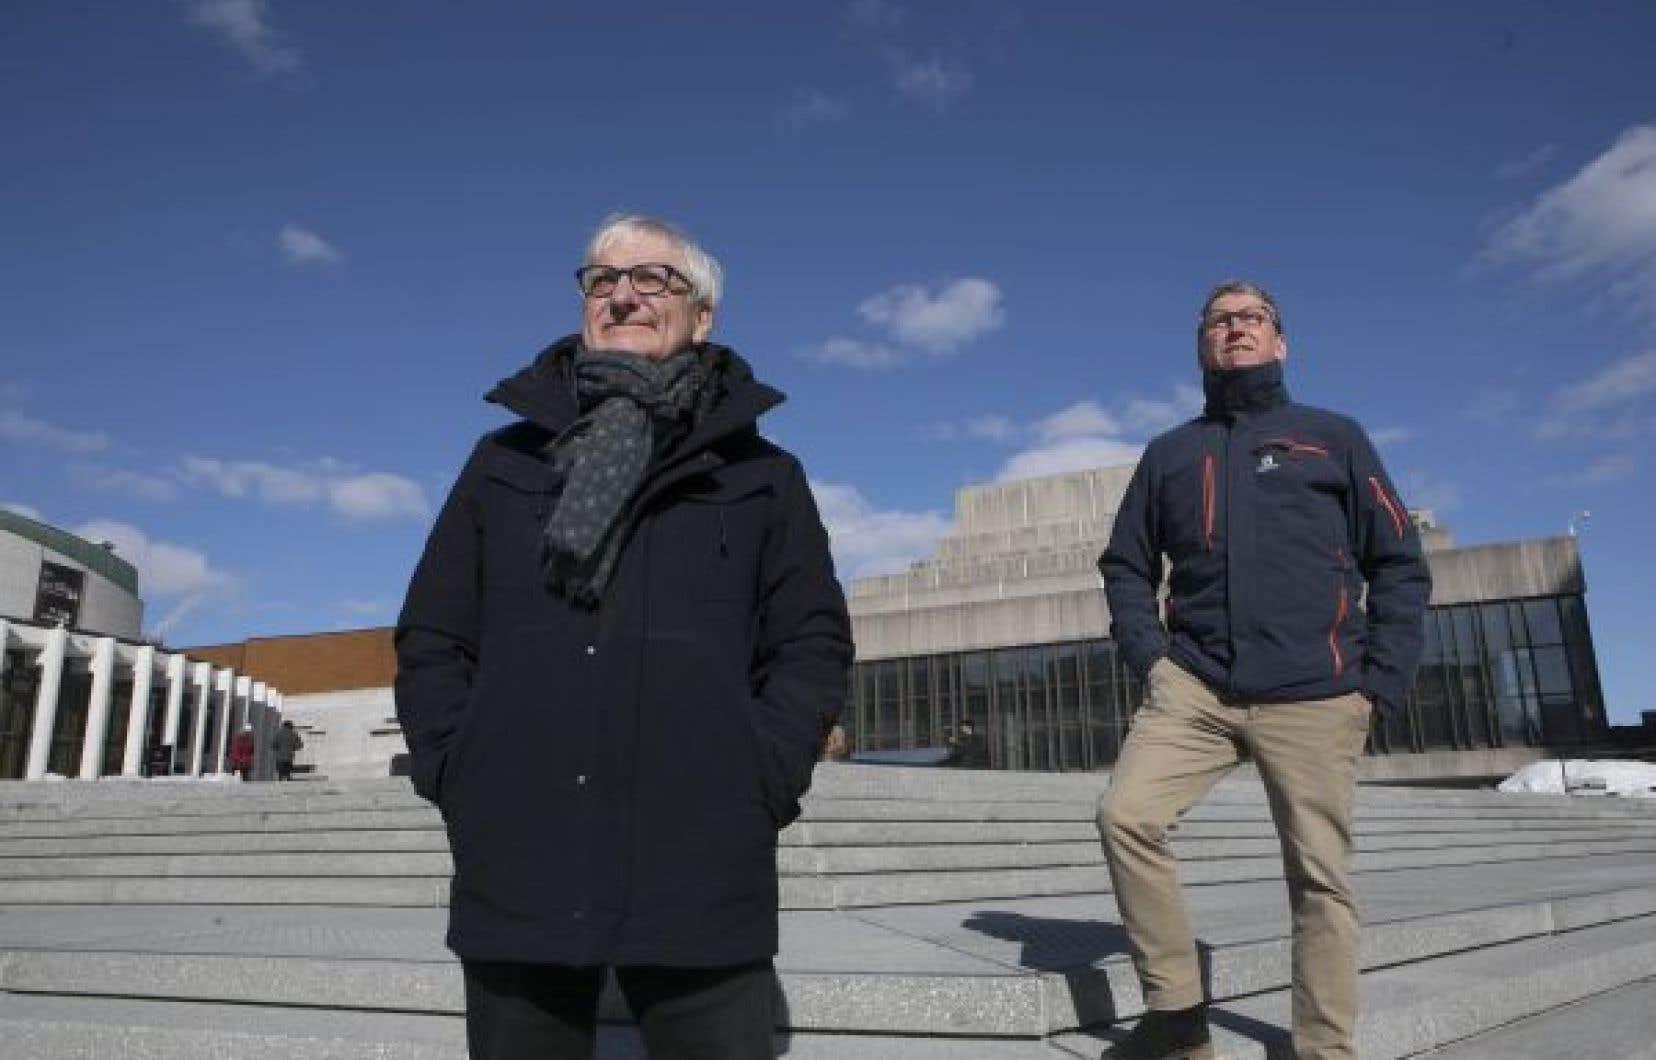 Bernard Landriault et Michel Paradis, le couple derrière la Fondation Grantham pour l'art et l'environnement